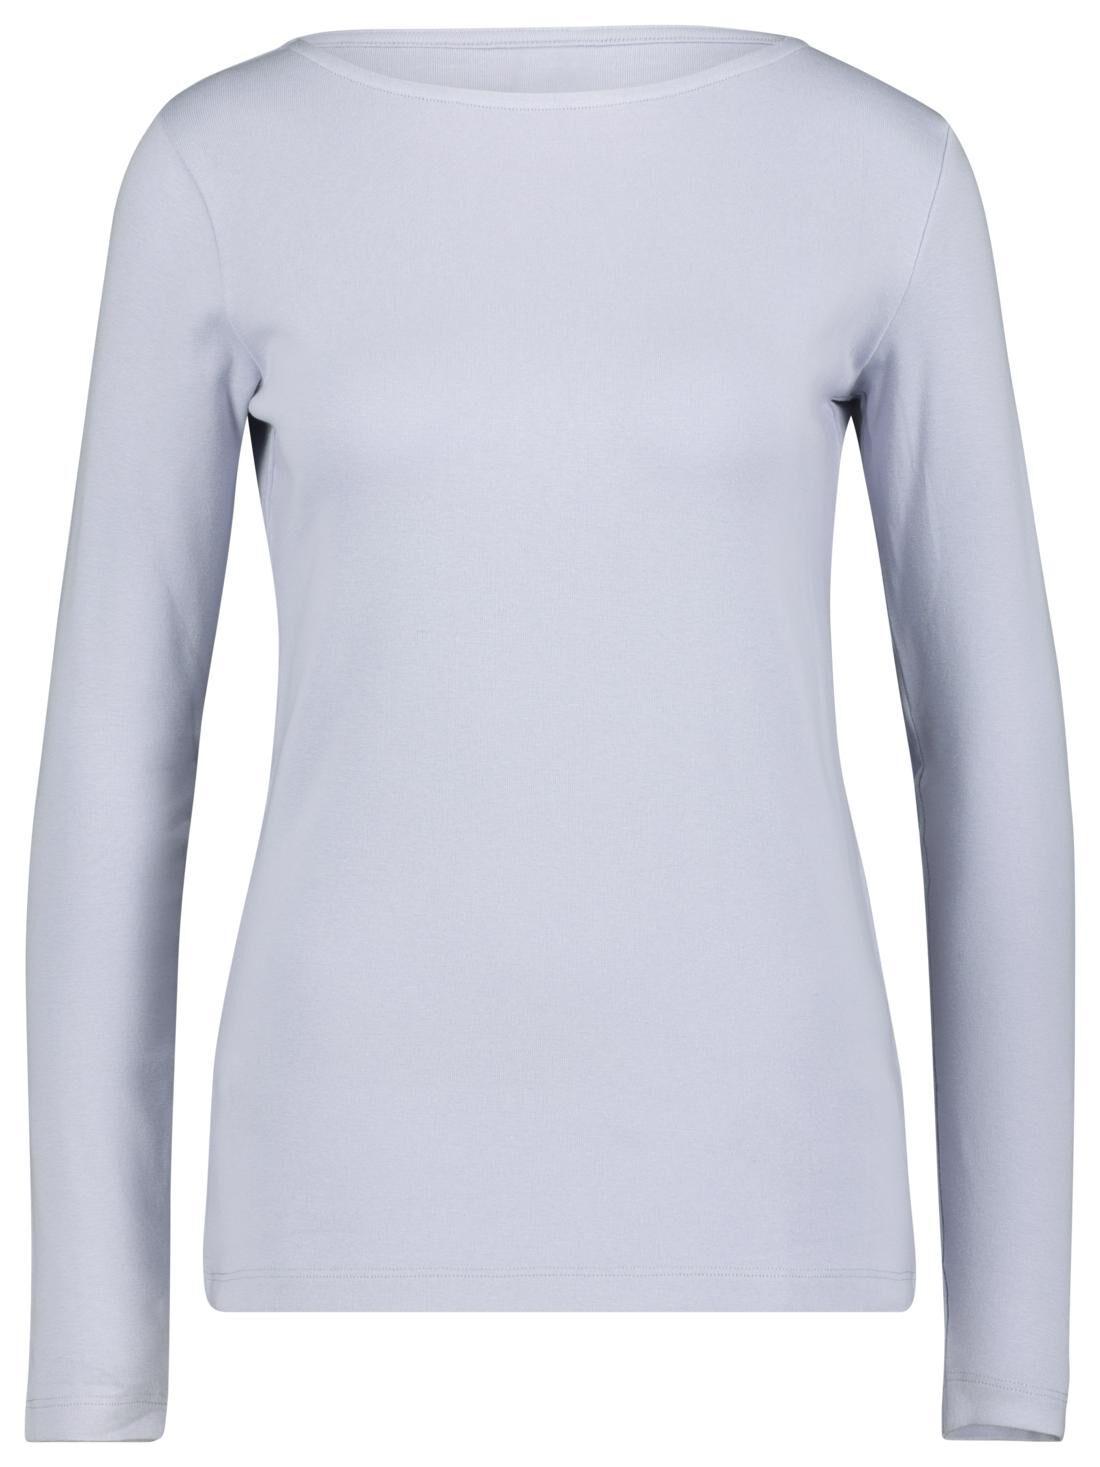 HEMA Dames T-shirt Boothals Lichtblauw (lichtblauw)